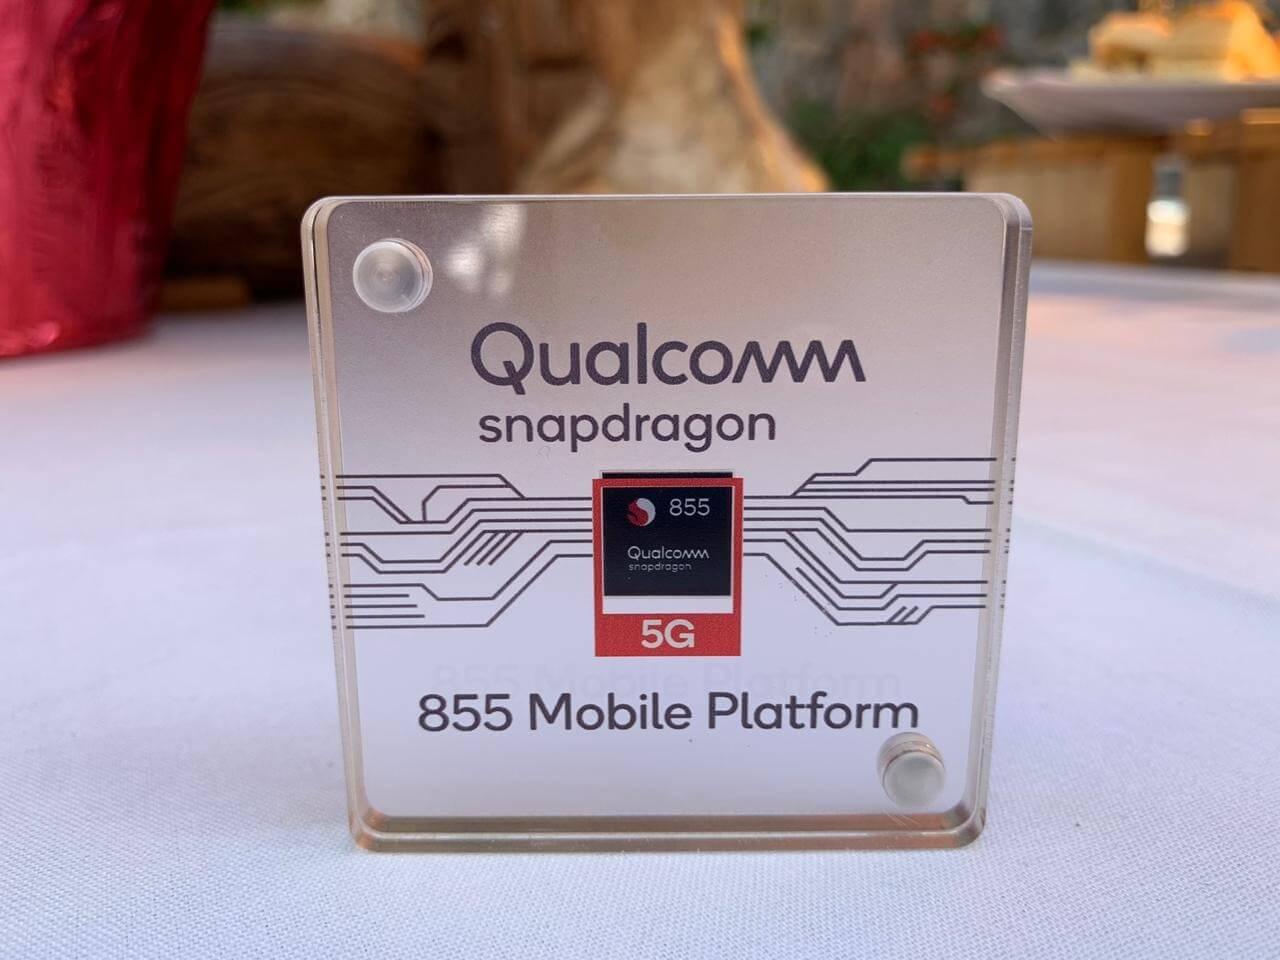 f8b9cbef e10b 4691 afab 22c3a5ce5d89 - Qualcomm lança Snapdragon 855 com conexão 5G e arquitetura de 7 nanômetros